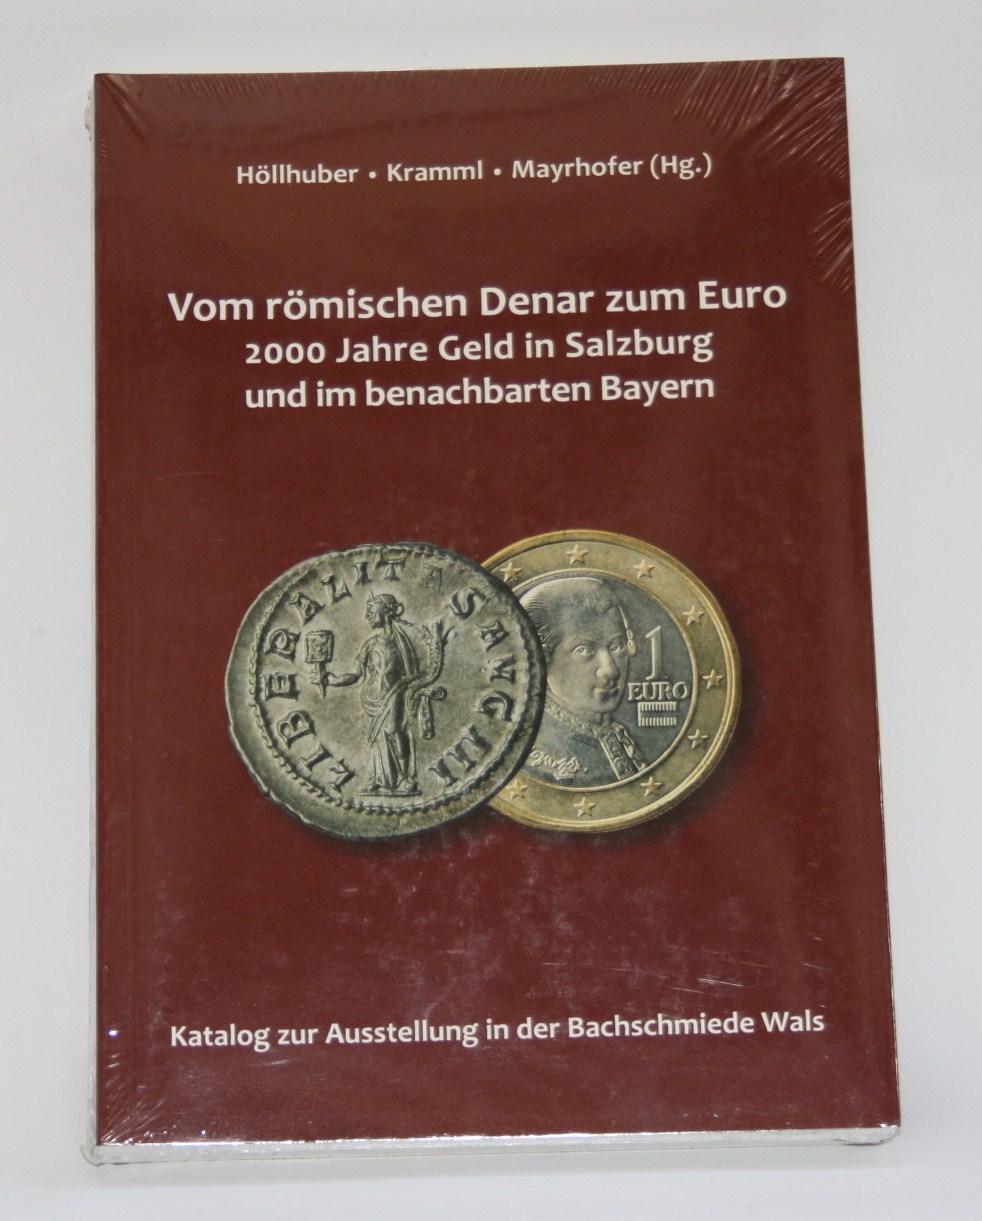 Vom römischen Denar zum Euro. Geld in Salzburg und Bayern.